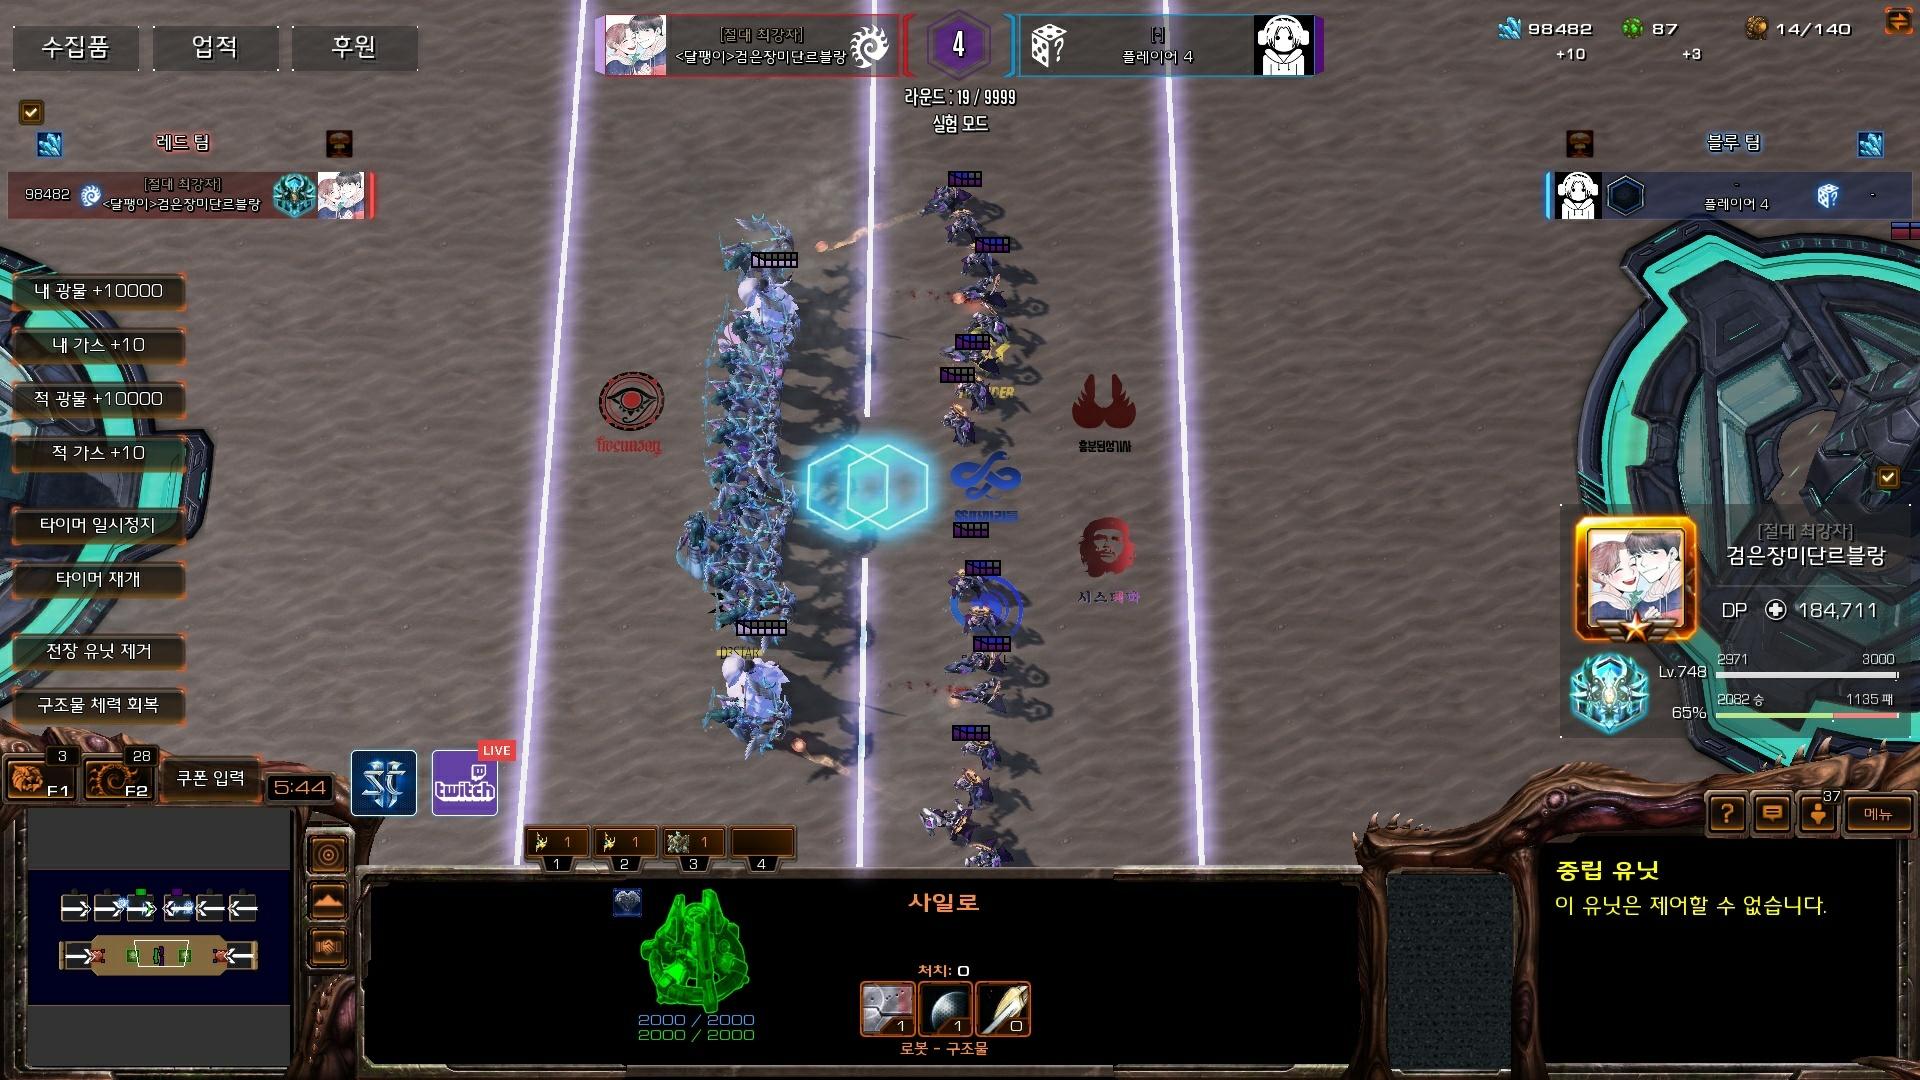 Screenshot2020-02-27 16_21_40.jpg